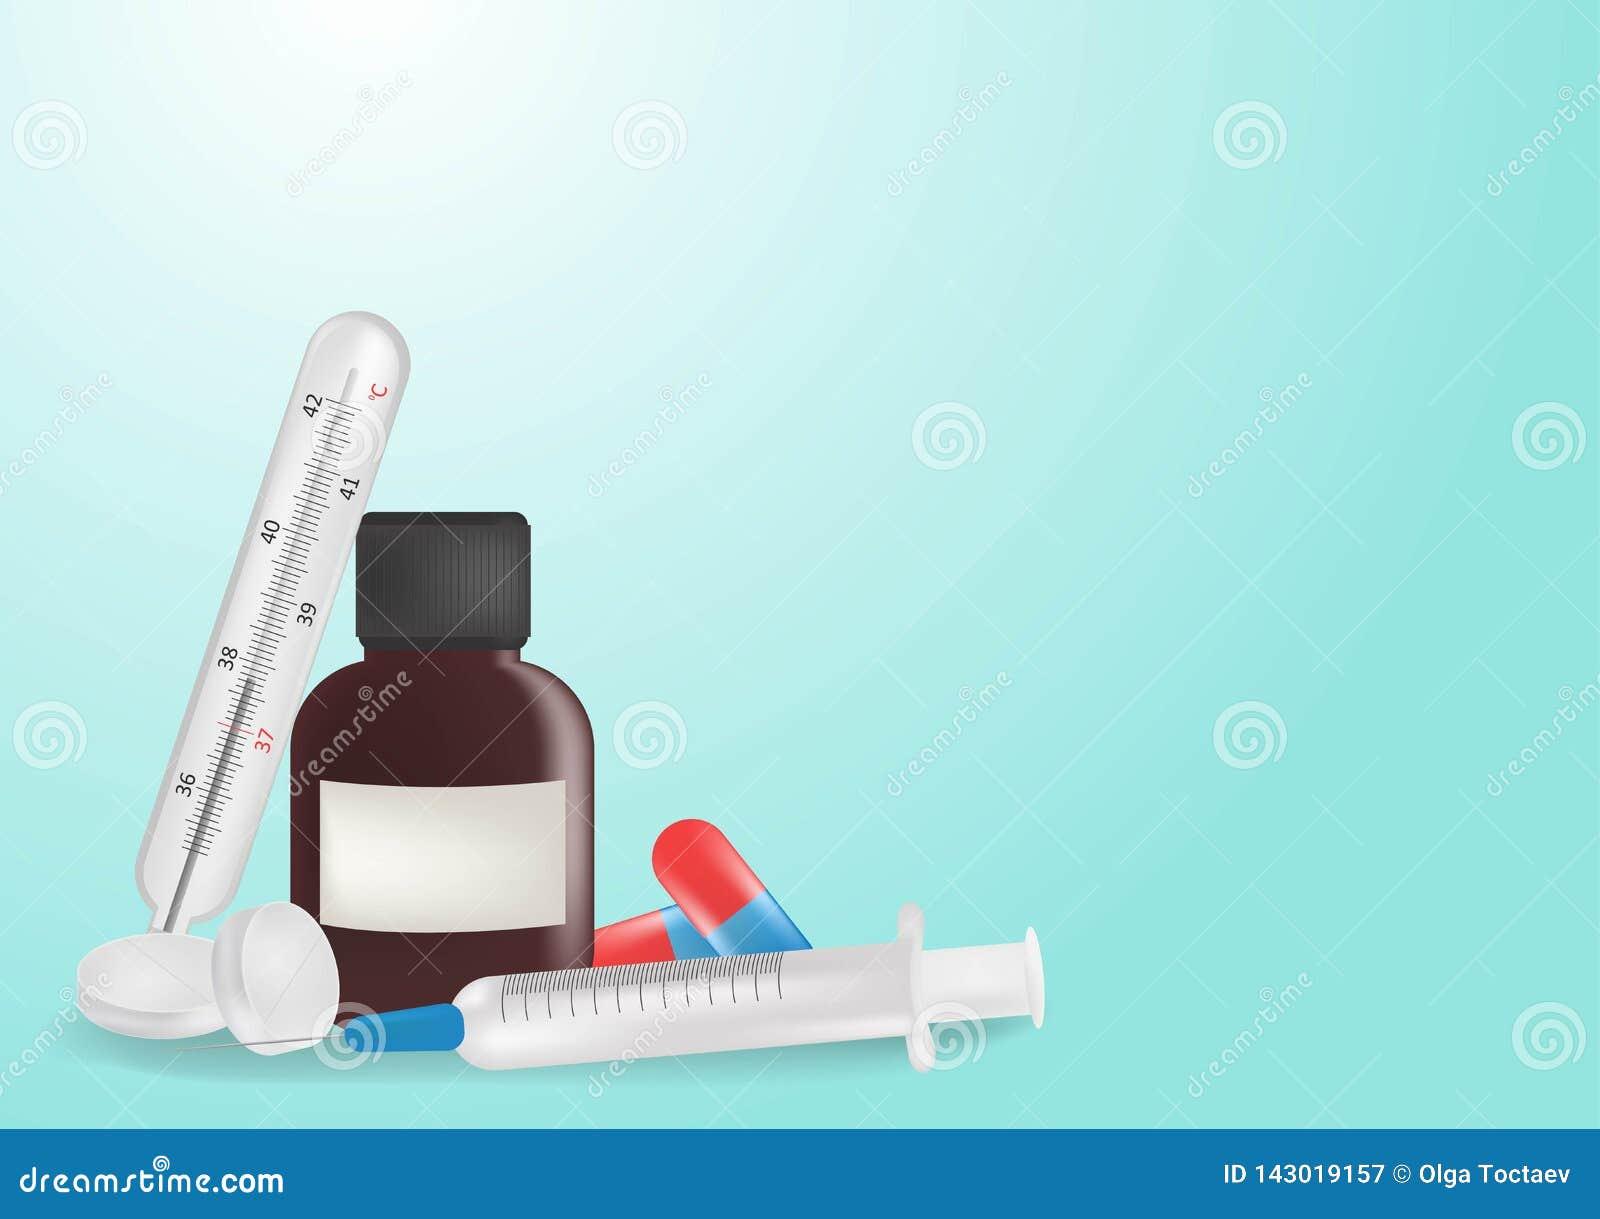 Pigułka, kapsuły, termometr, mikstura, strzykawka, medyczny tynk na błękitnym tle